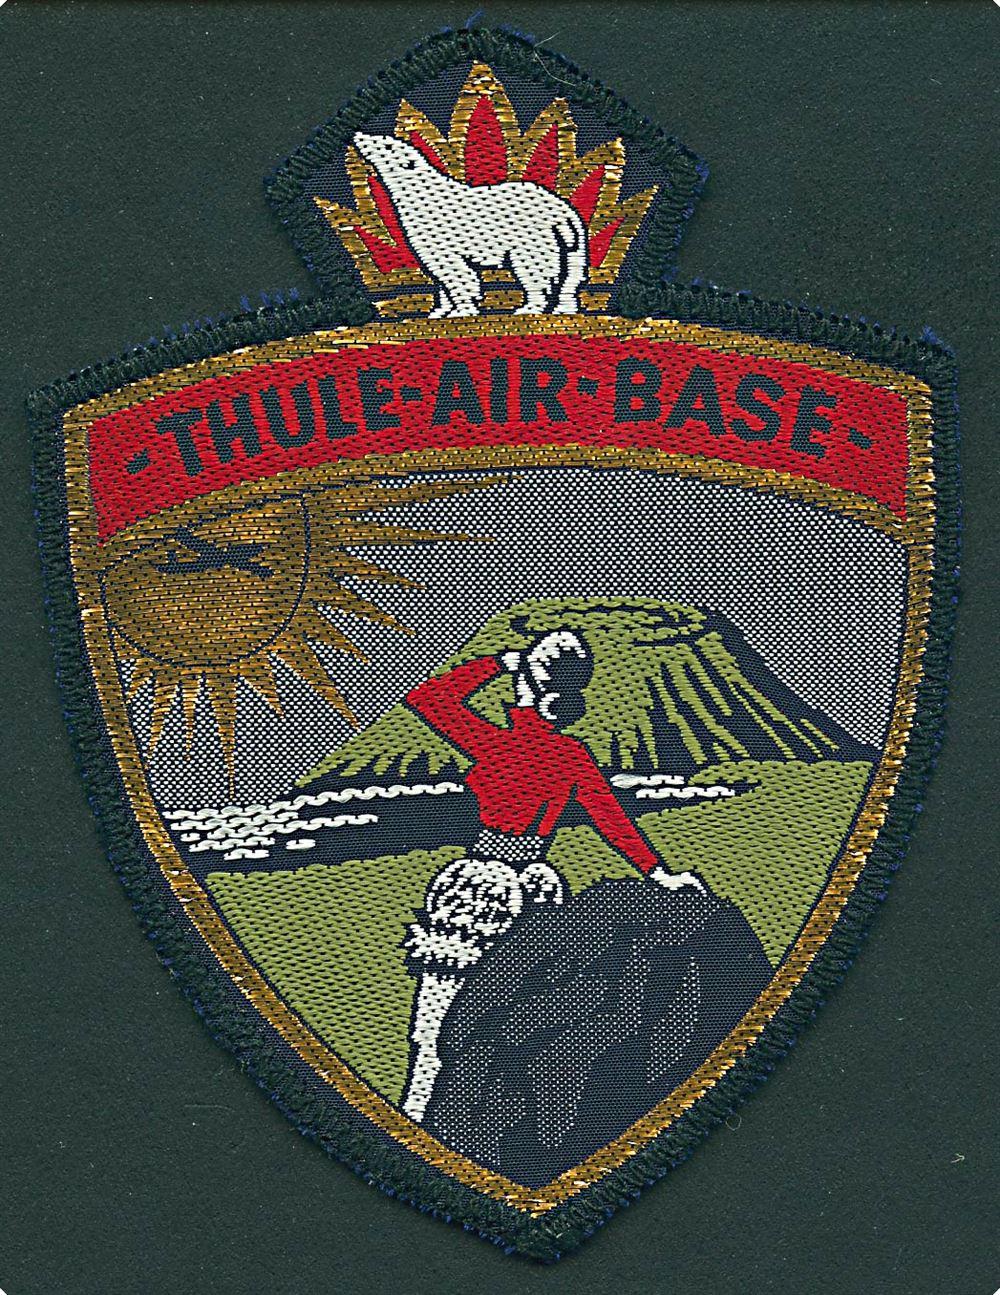 Thule Air Base Stofmaerke Ubrugt Gronland Diverse